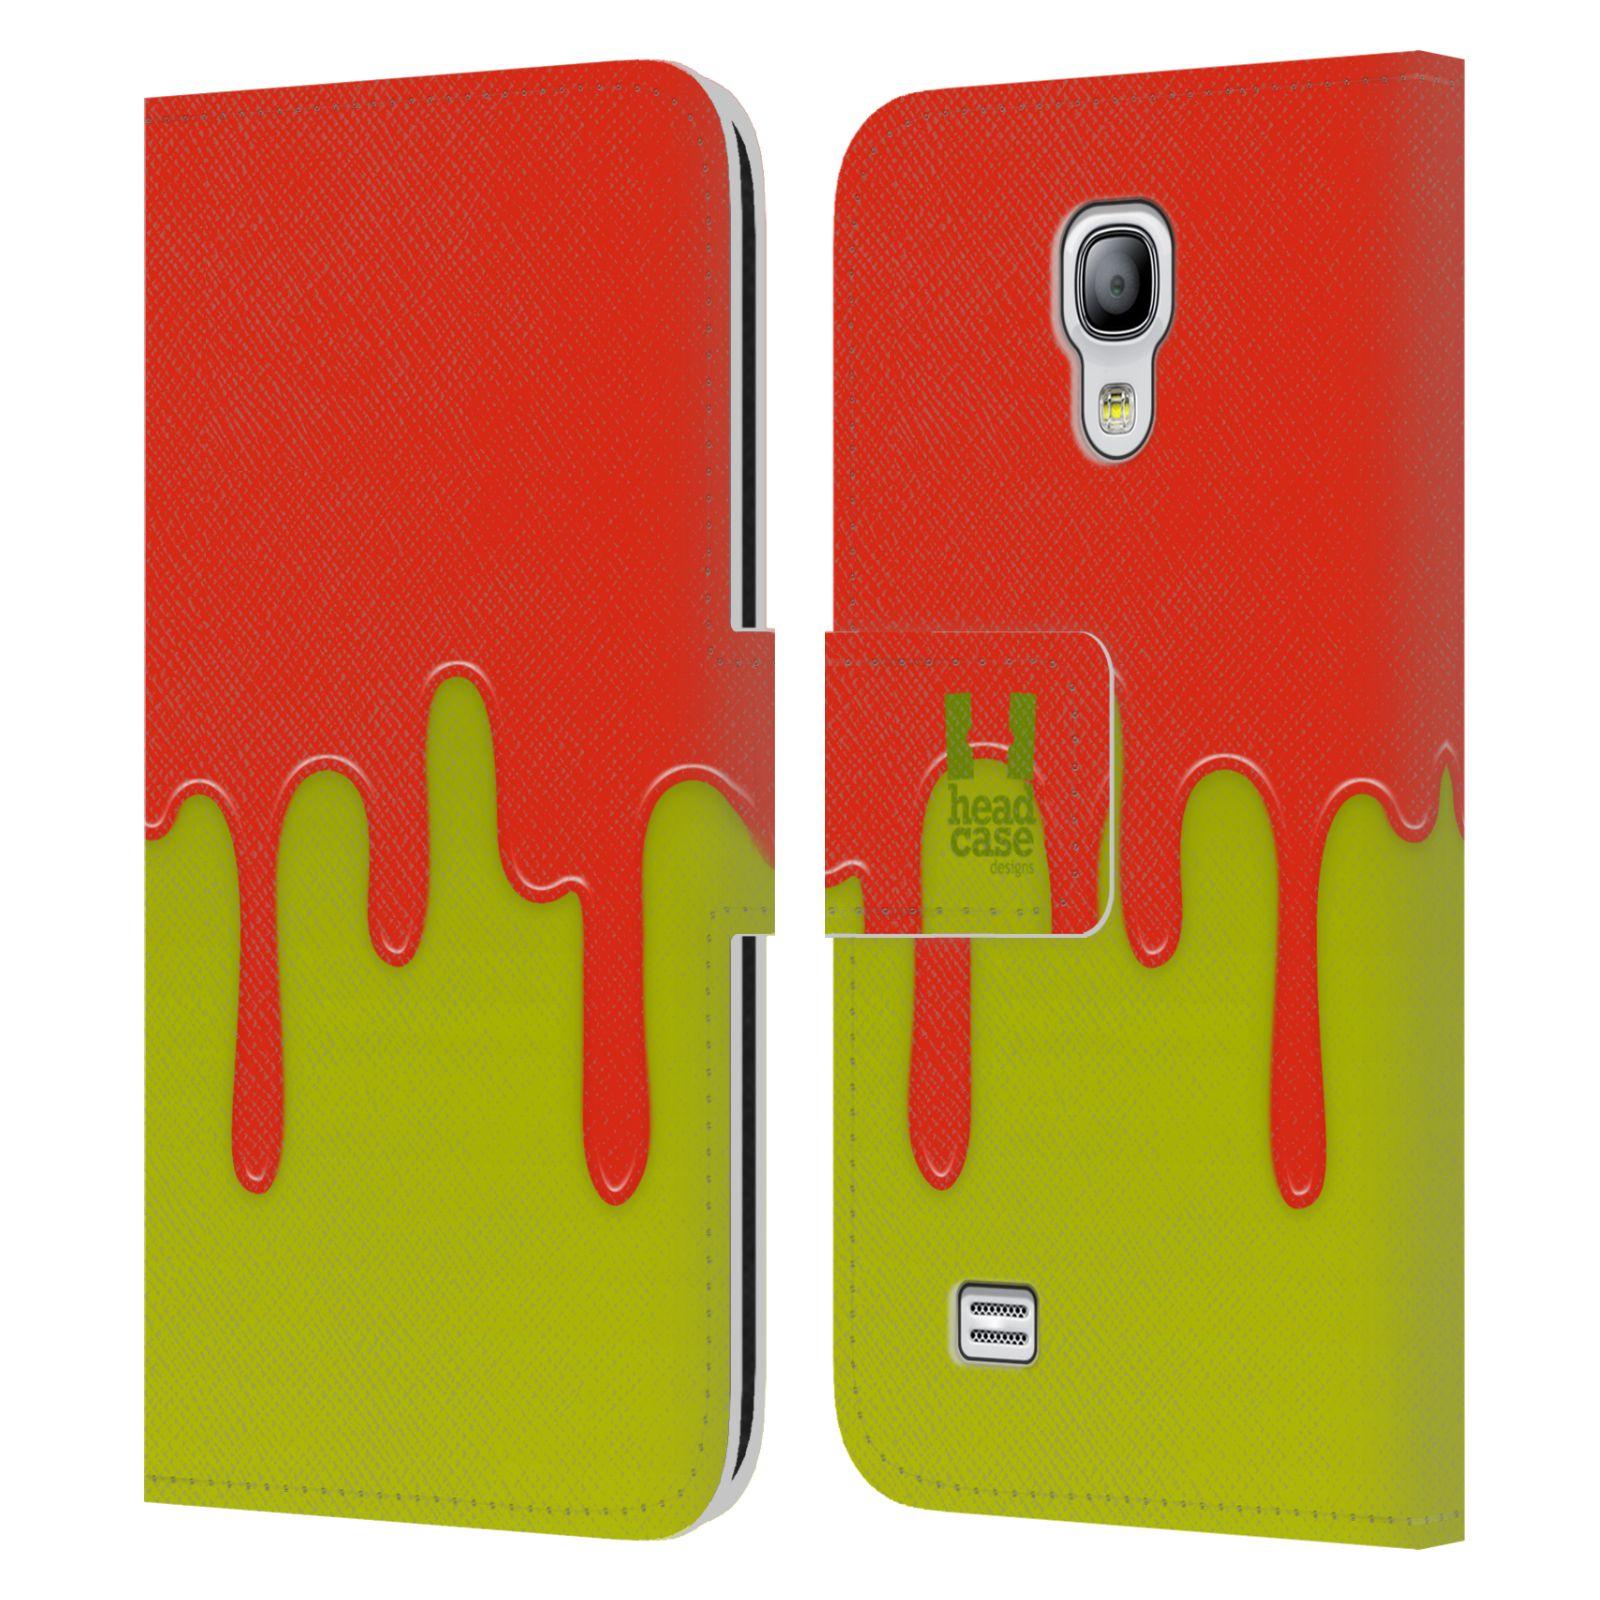 HEAD CASE Flipové pouzdro pro mobil Samsung Galaxy S4 MINI / S4 MINI DUOS Rozlitá barva oranžová a zelená